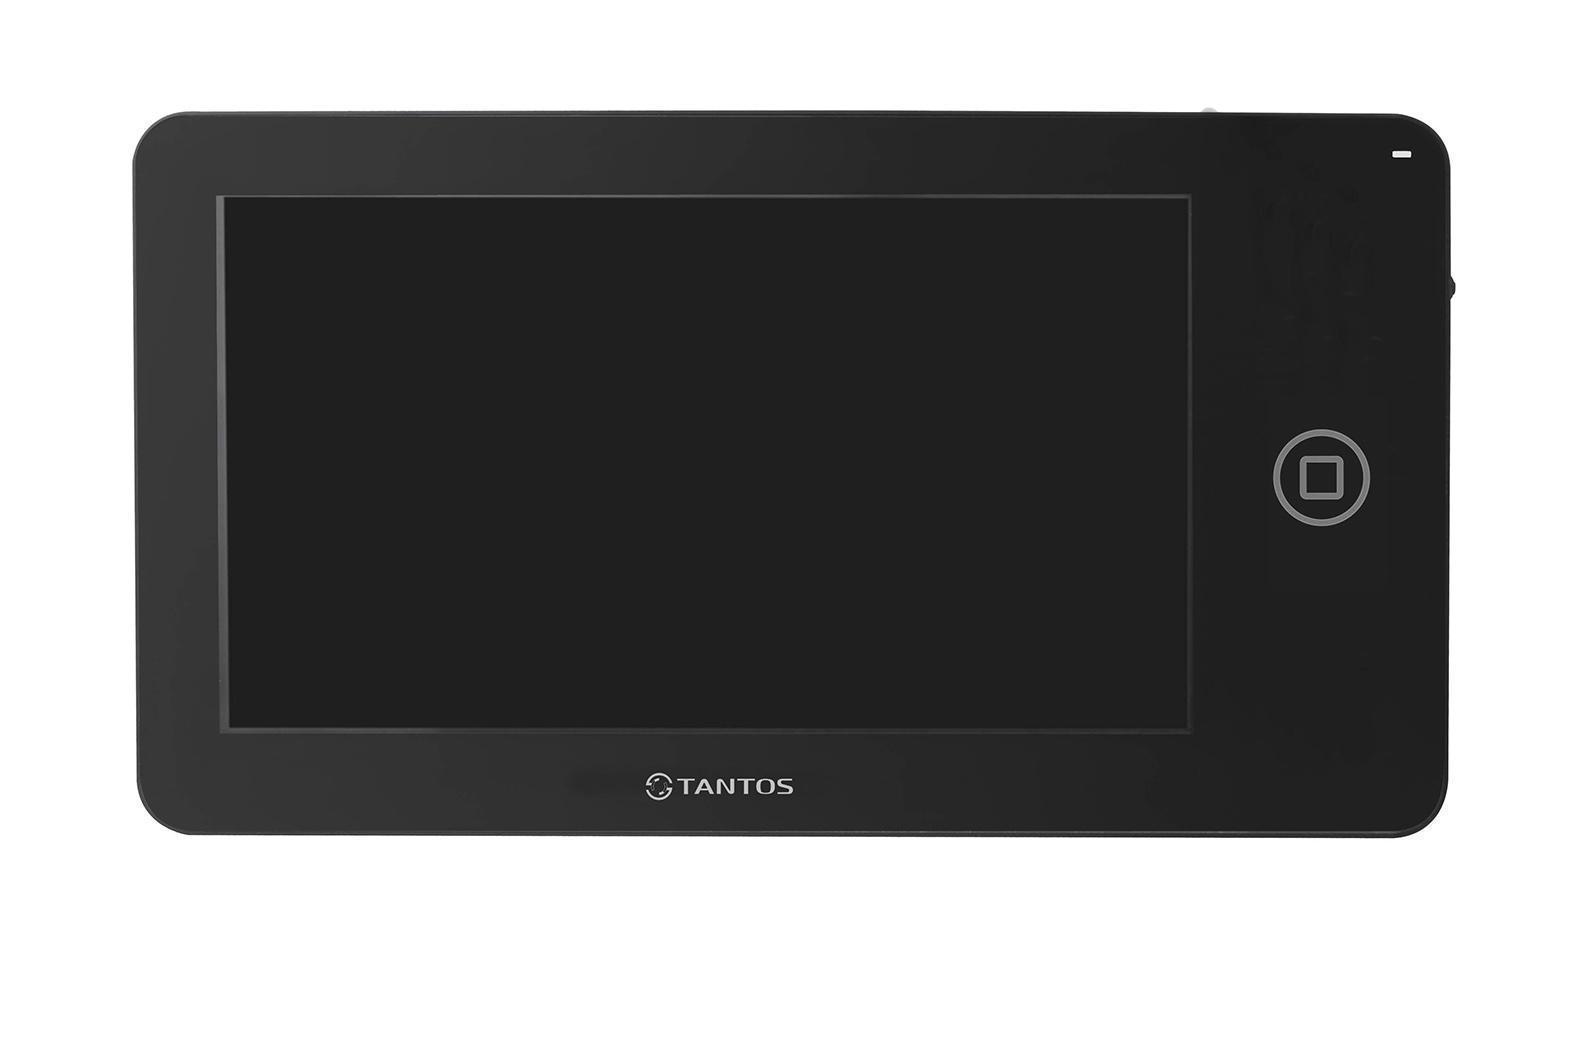 Tantos NEO, Black монитор домофона00-00014349Классический вариант монитора 7 дюймов. Ничего лишнего, идеальный вариант для офиса или квартиры с пожилыми людьми. Видеодомофон позволяет осуществлять внутреннюю видеосвязь между абонентами жилого помещения. Предназначен для возможности дистанционного наблюдения пространства перед входной дверью и организации двухсторонней аудио связи с посетителем. К монитору подключаются все самые распространенные вызывные панели отечественных и зарубежных производителей. Соединение с панелями 4-х проводное. Так же возможно подключение дополнительного оборудования: видеокамеры, вызывные панели или мониторы.